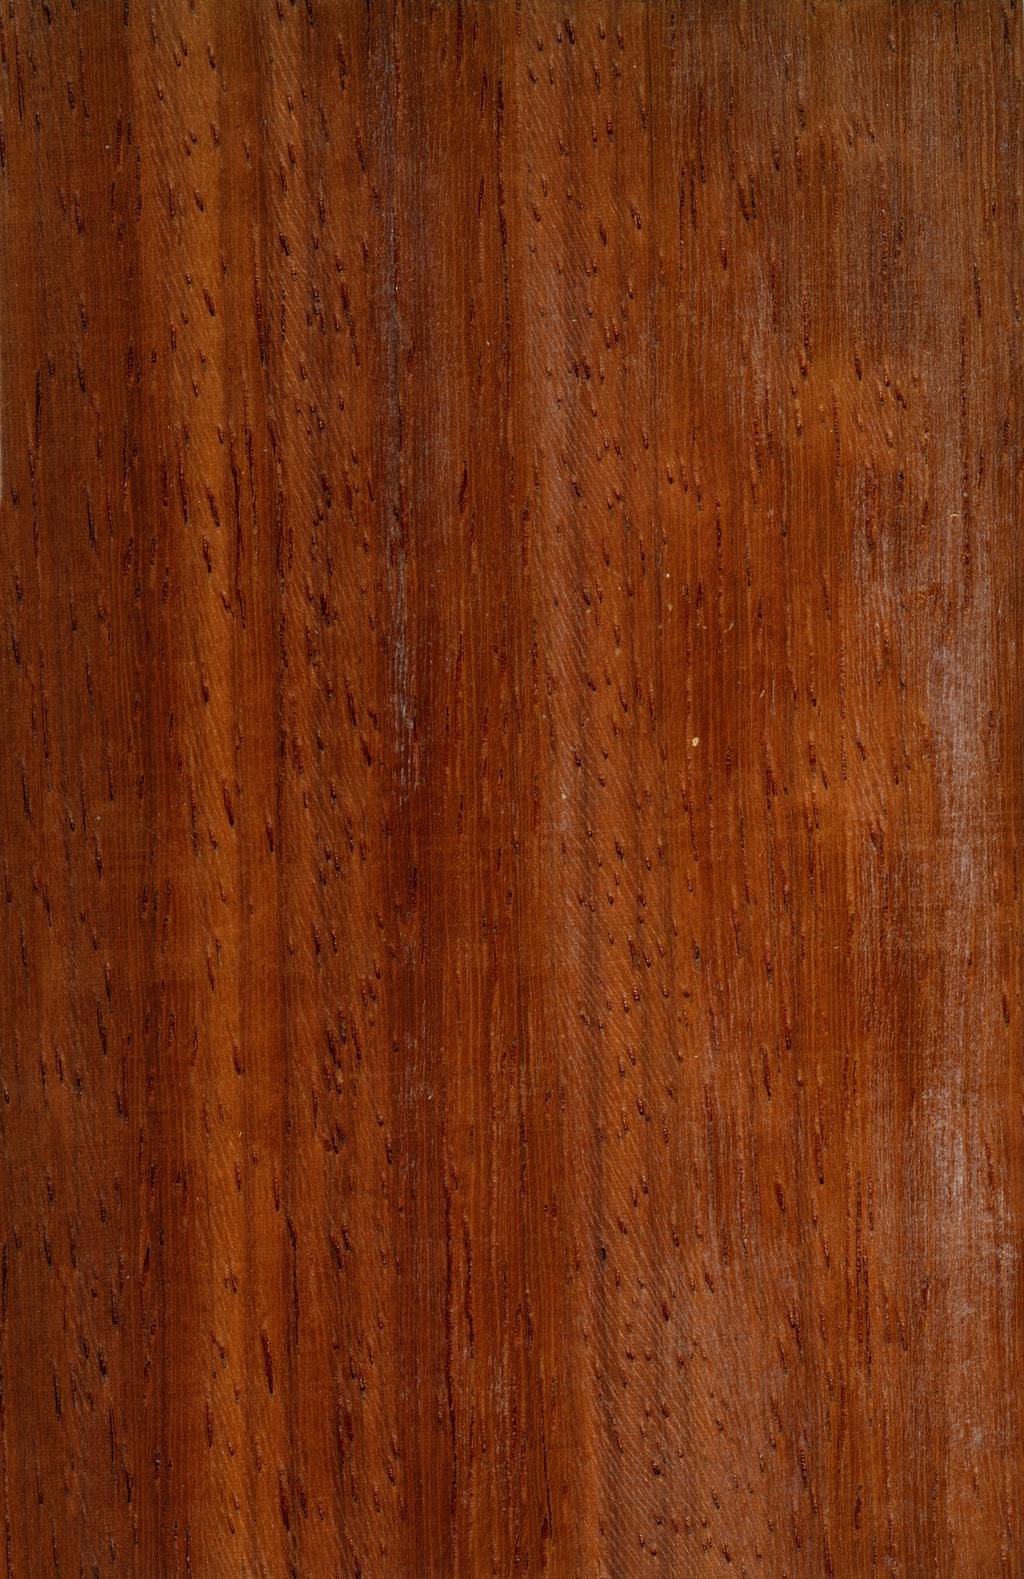 非洲实木实拍纹理素材